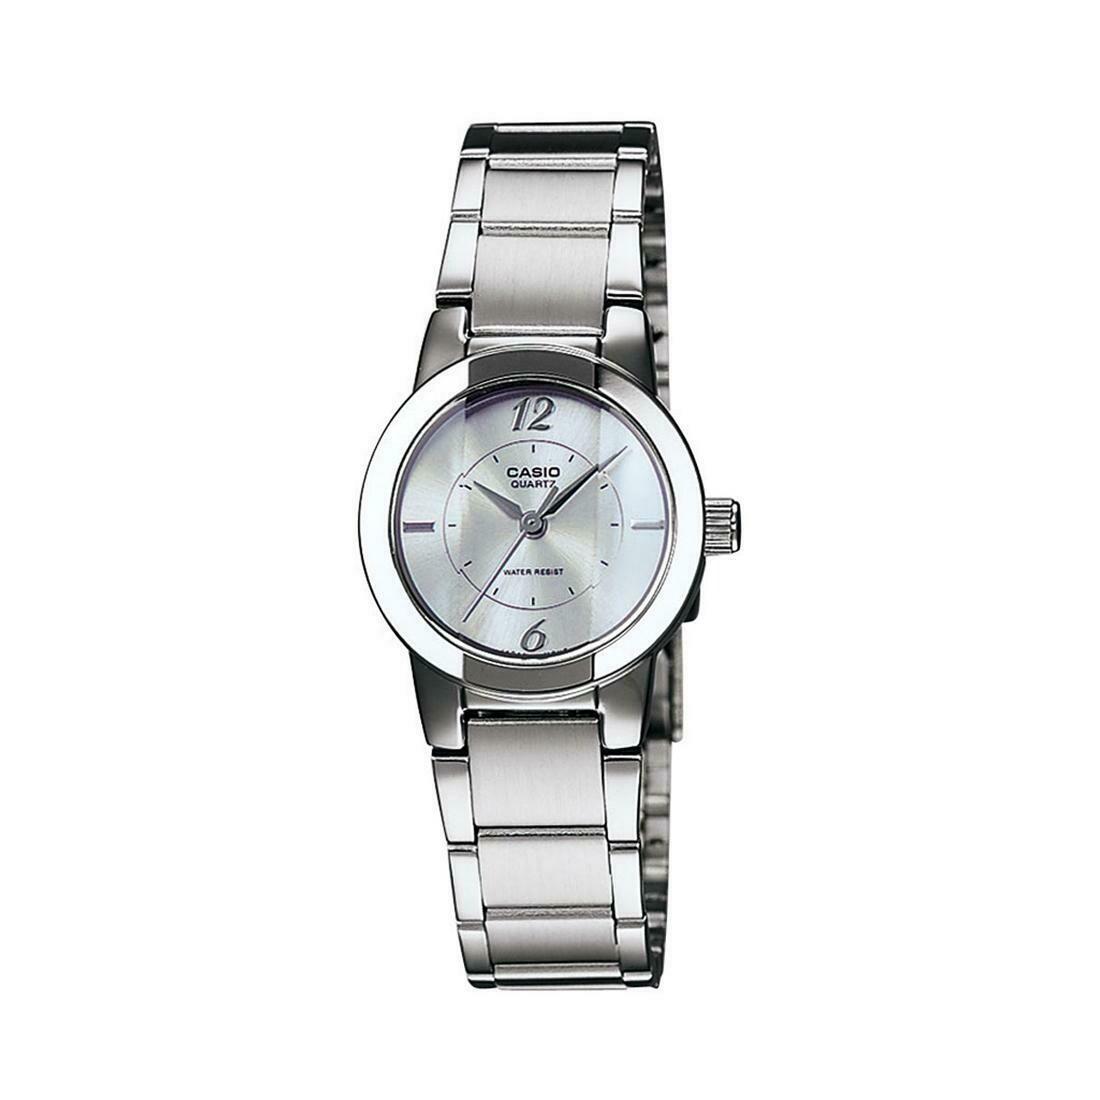 Casio Enticer LTP-1230D-7CDF Analog Wrist Watch For Women - Silver